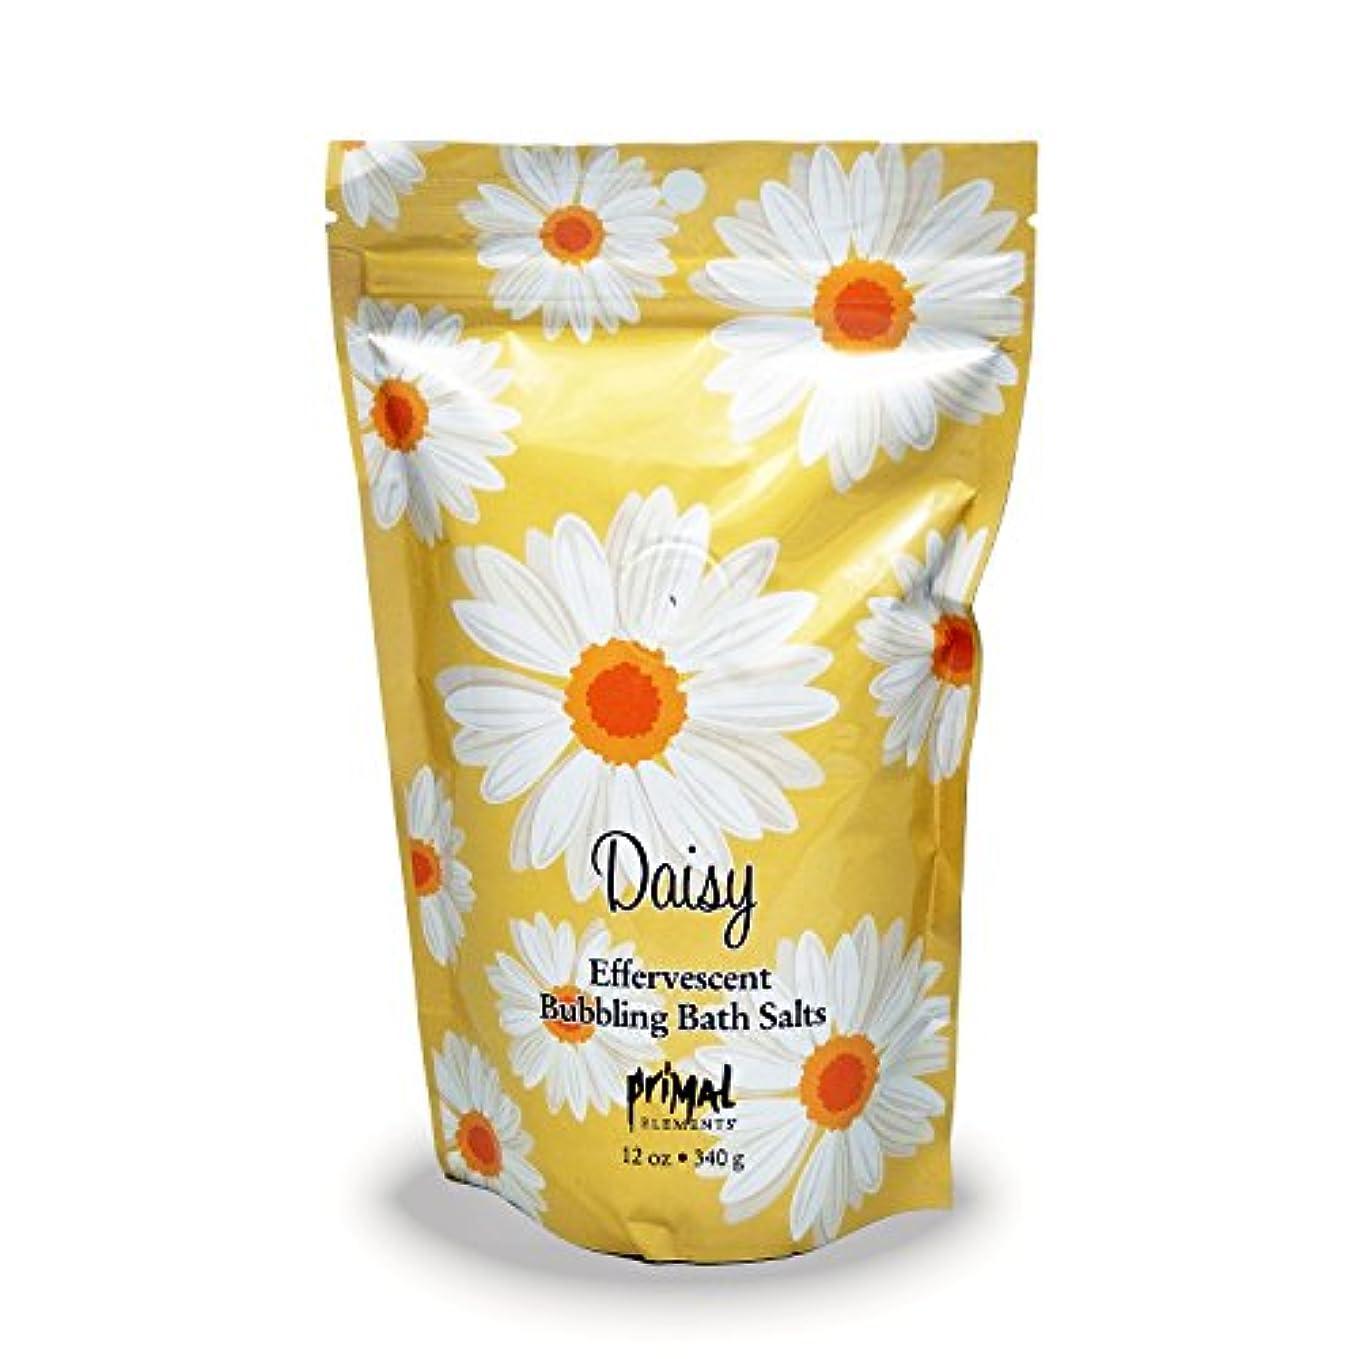 補償ハム会員プライモールエレメンツ バブリング バスソルト/デイジー 340g エプソムソルト含有 アロマの香りがひろがる泡立つ入浴剤